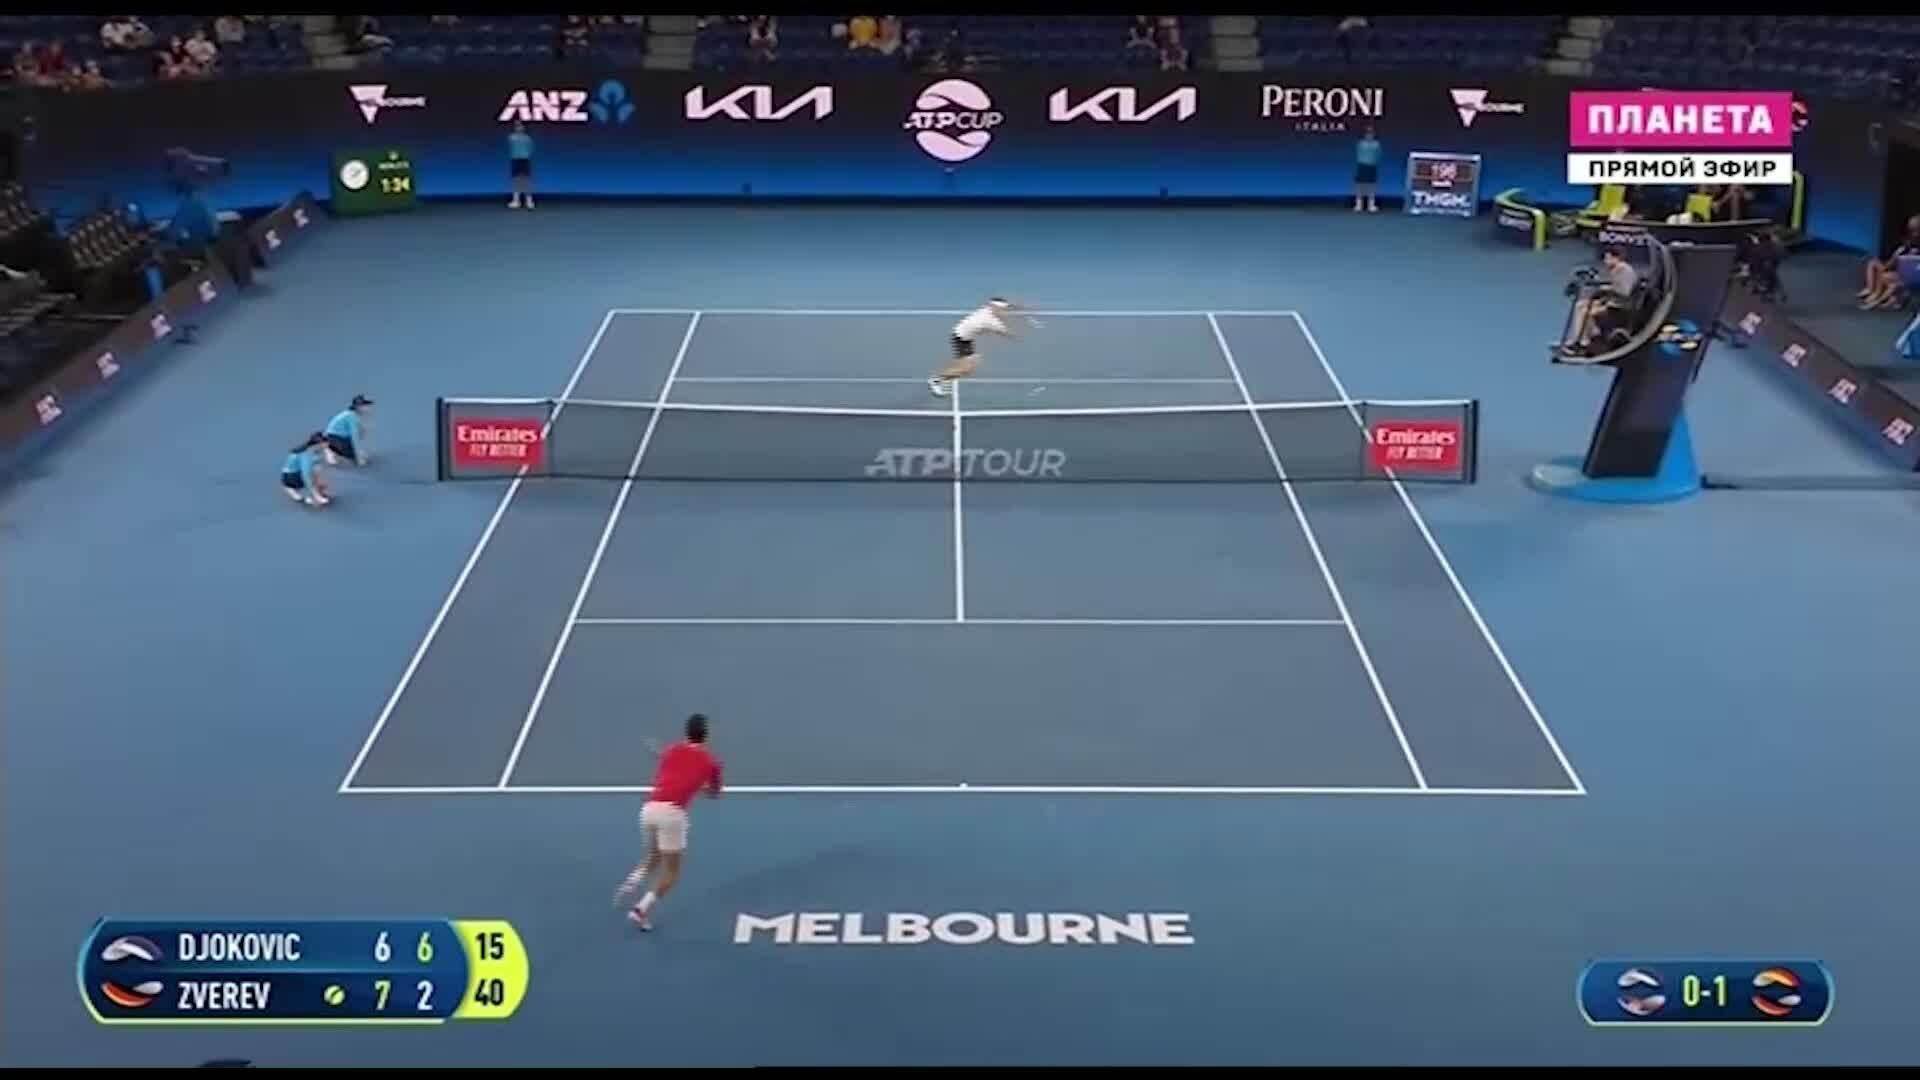 Djokovic 2-1 Zverev